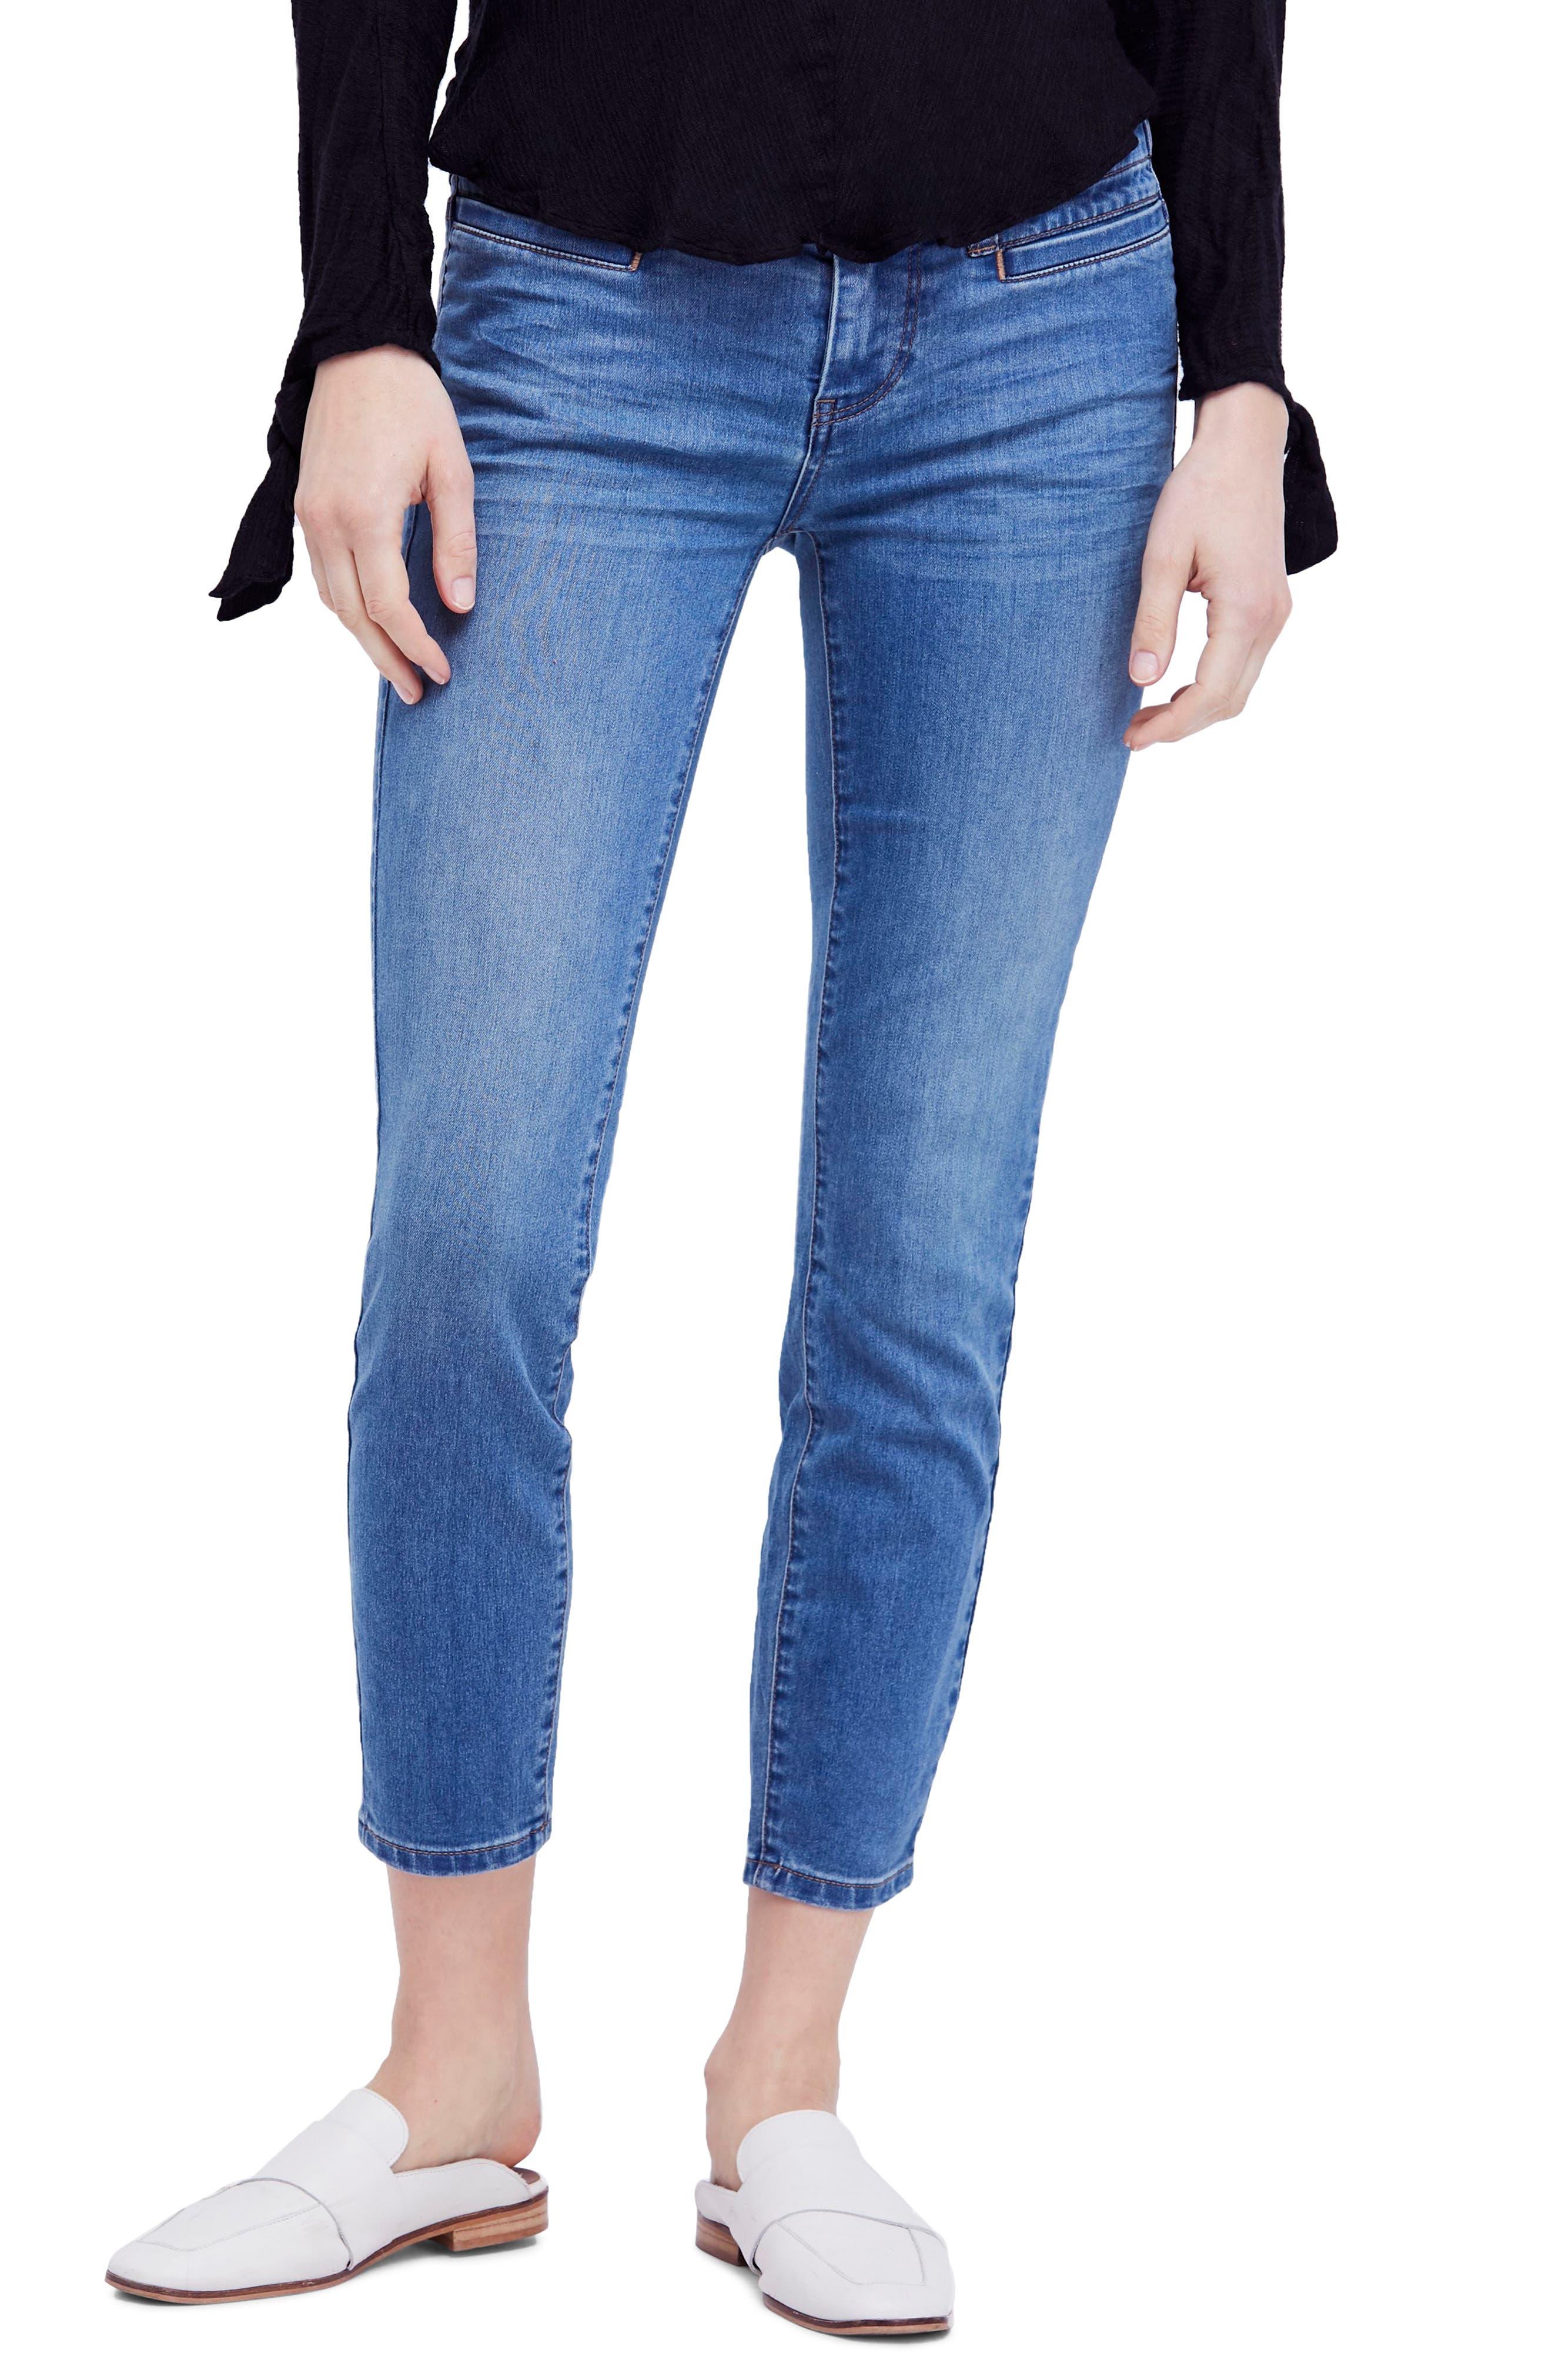 Free People Low Slung Crop Skinny Jeans